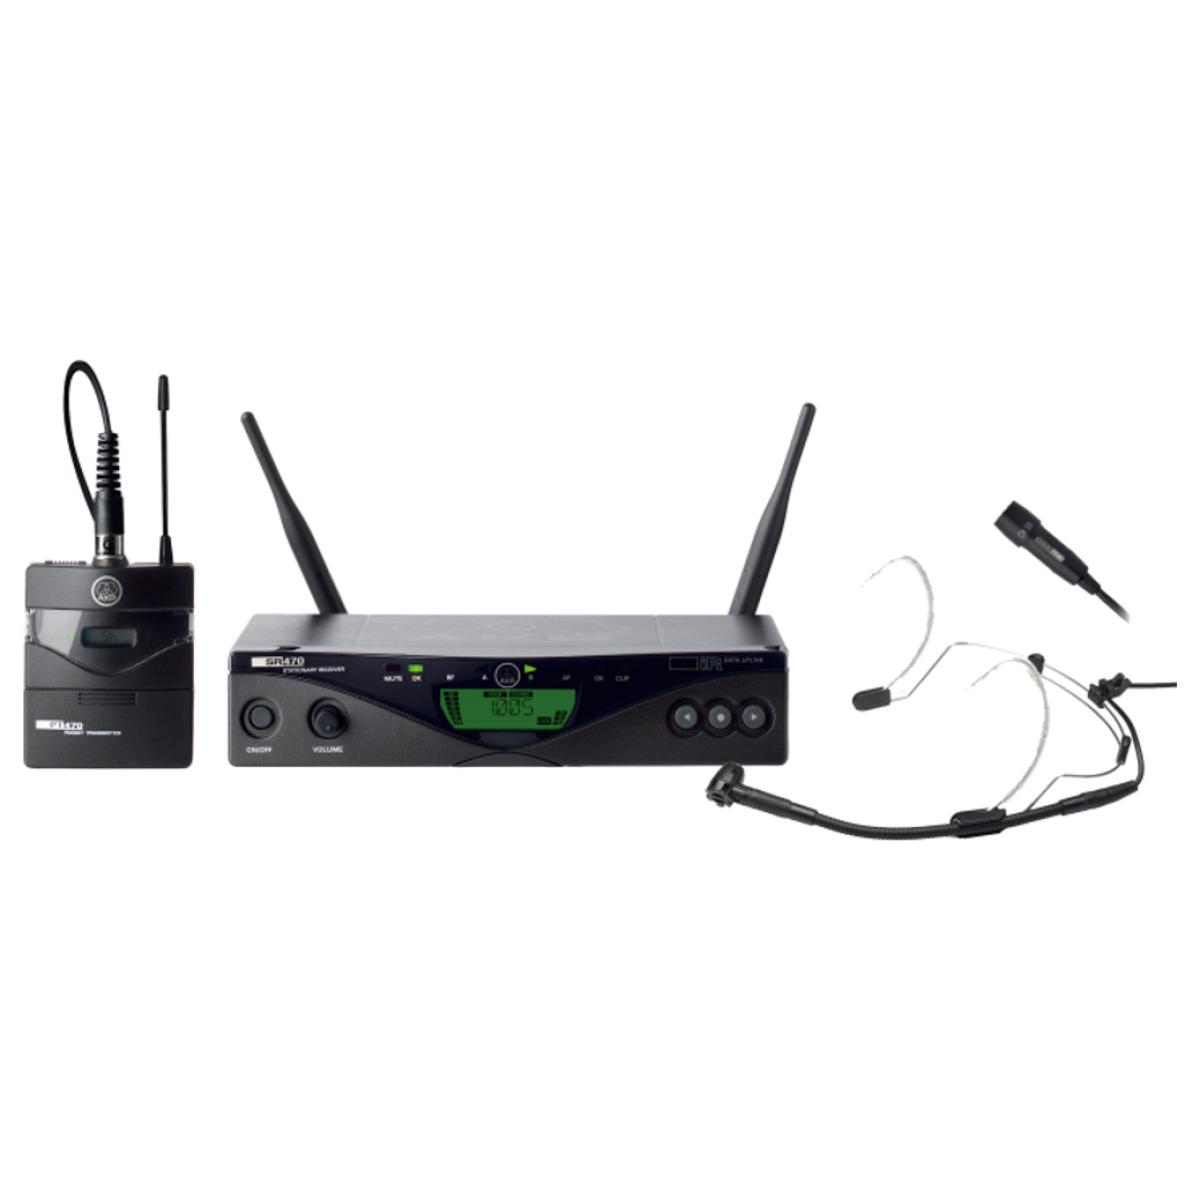 WMS470 Presenter Set (Band 8-50mW) 570-600MHz